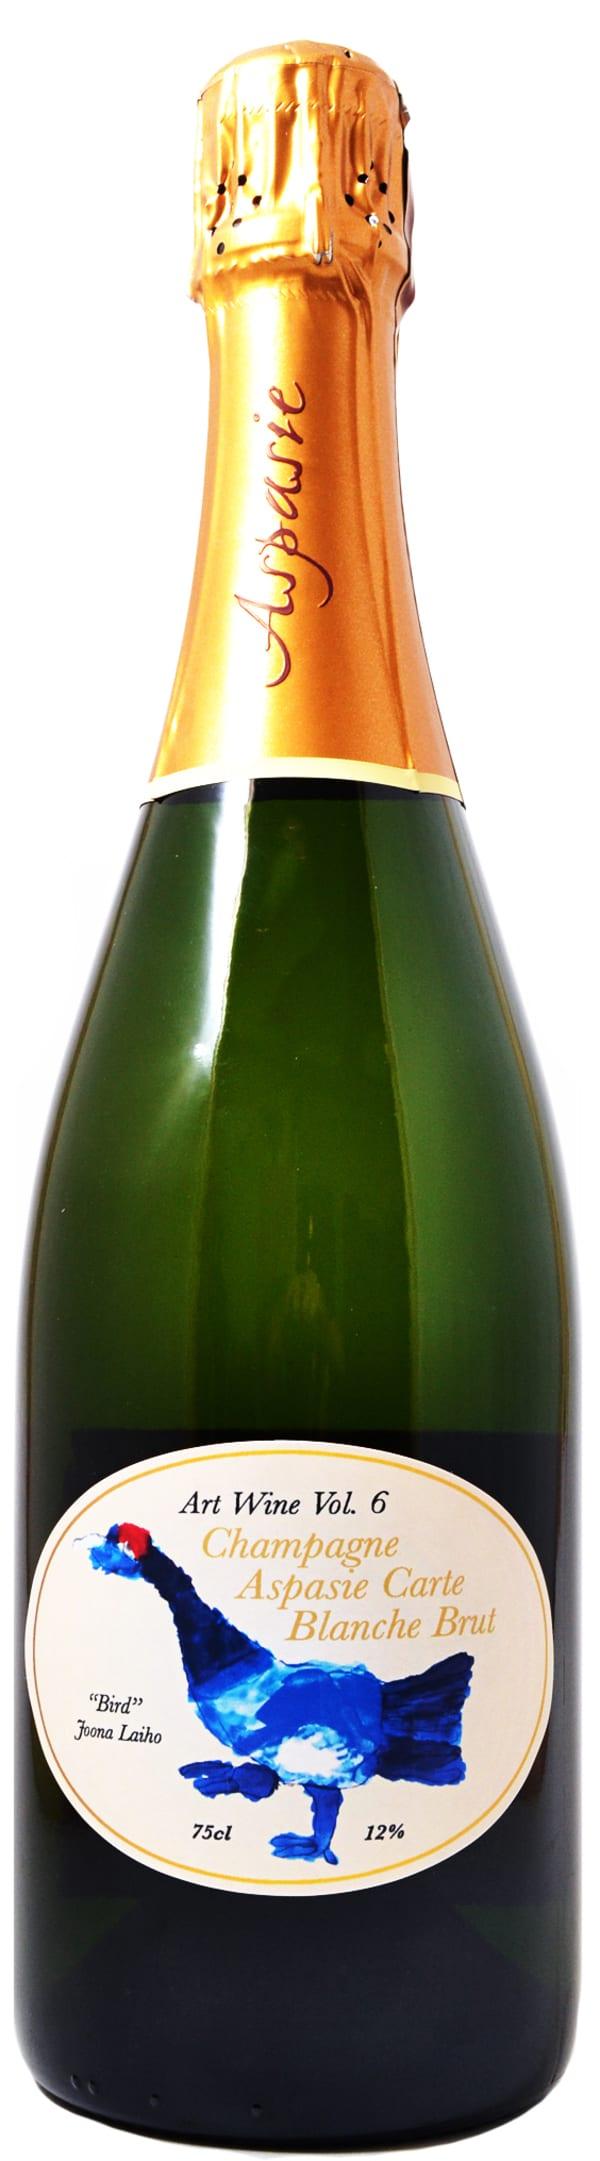 Ariston Aspasie Carte Blanche Art Wine Vol. 6 Champagne Brut